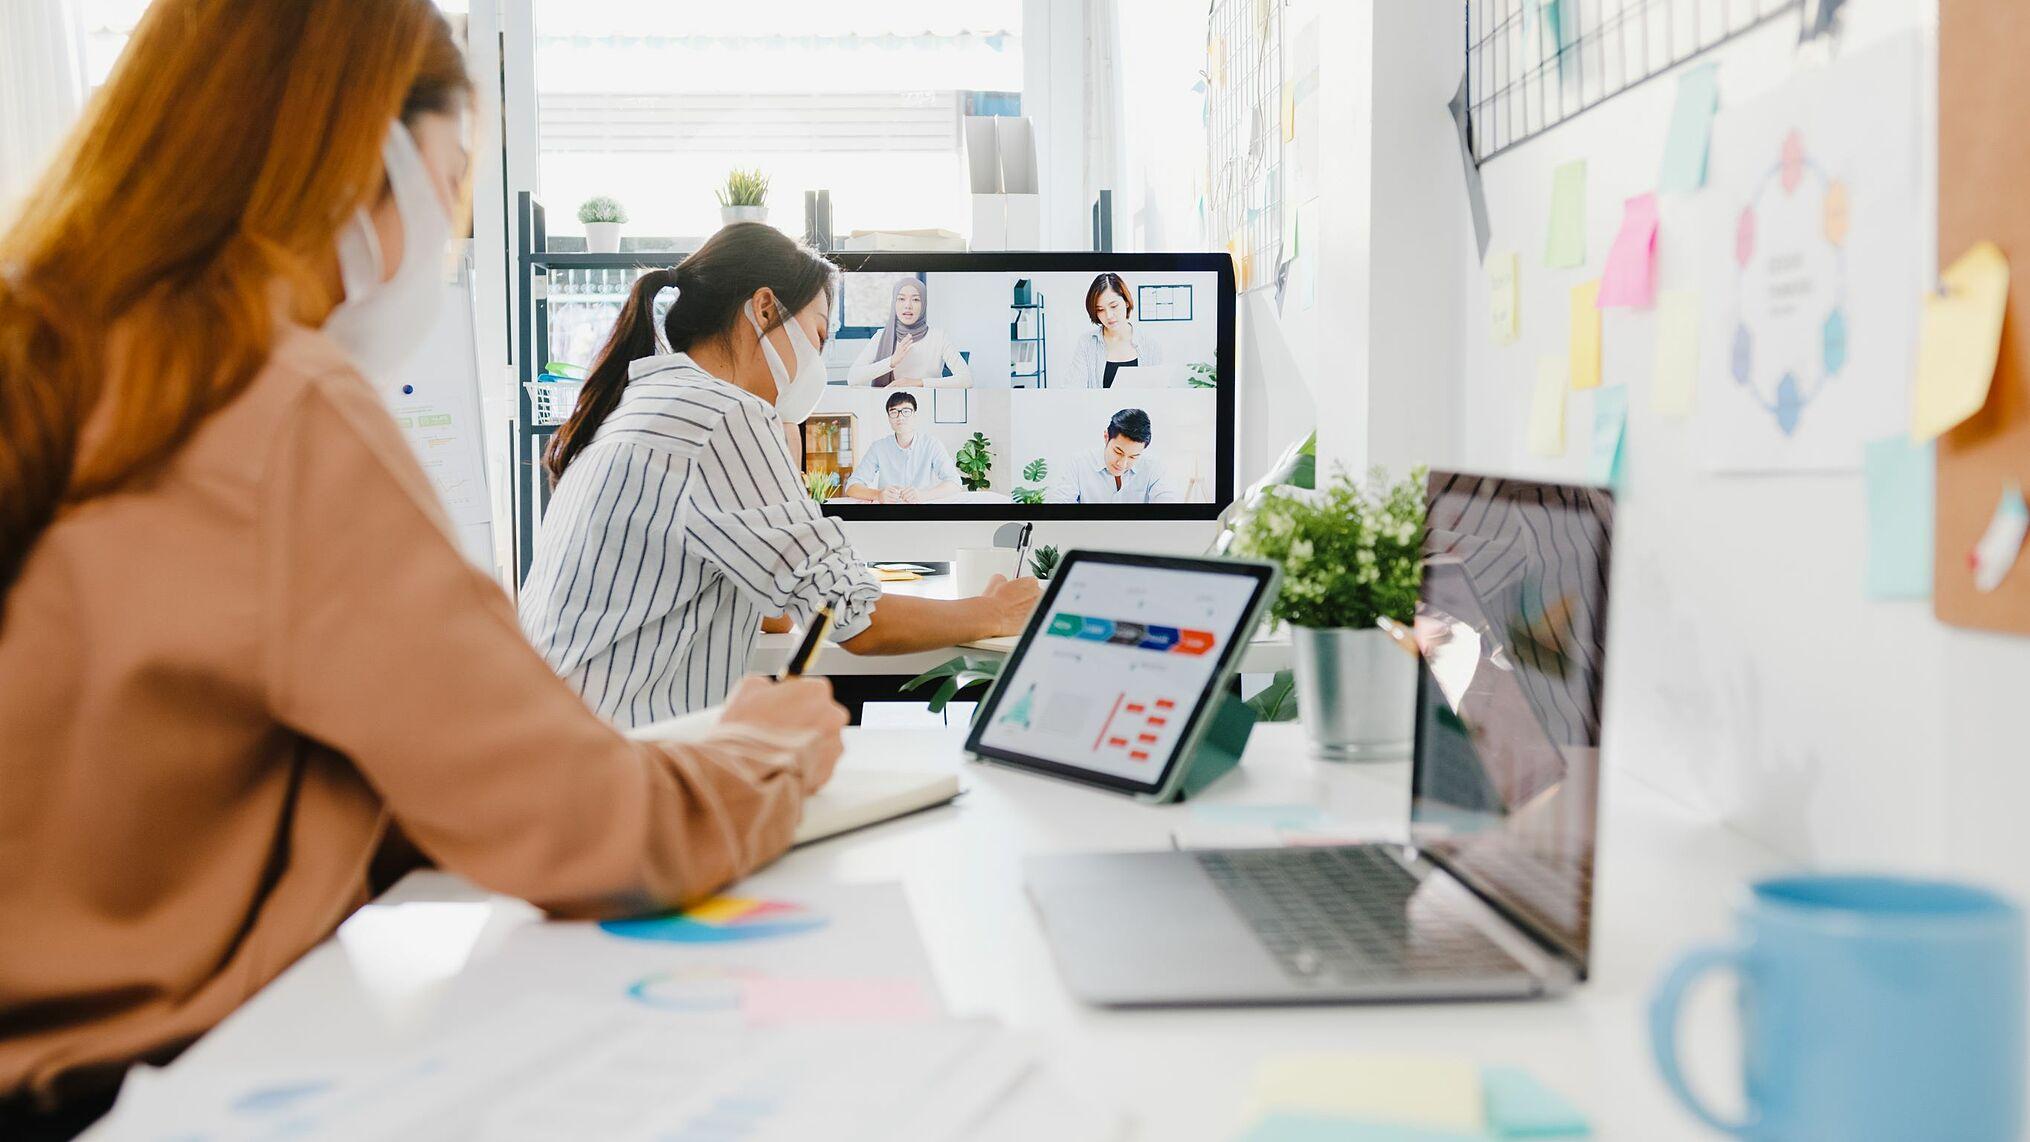 Tranh thủ mùa giãn cách để tự nâng cấp chính mình là chiến lược sáng suốt của người lao động để nhanh chóng theo cơn lốc dịch chuyển cấu trúc nhân sự mới. Nguồn: Shutterstock